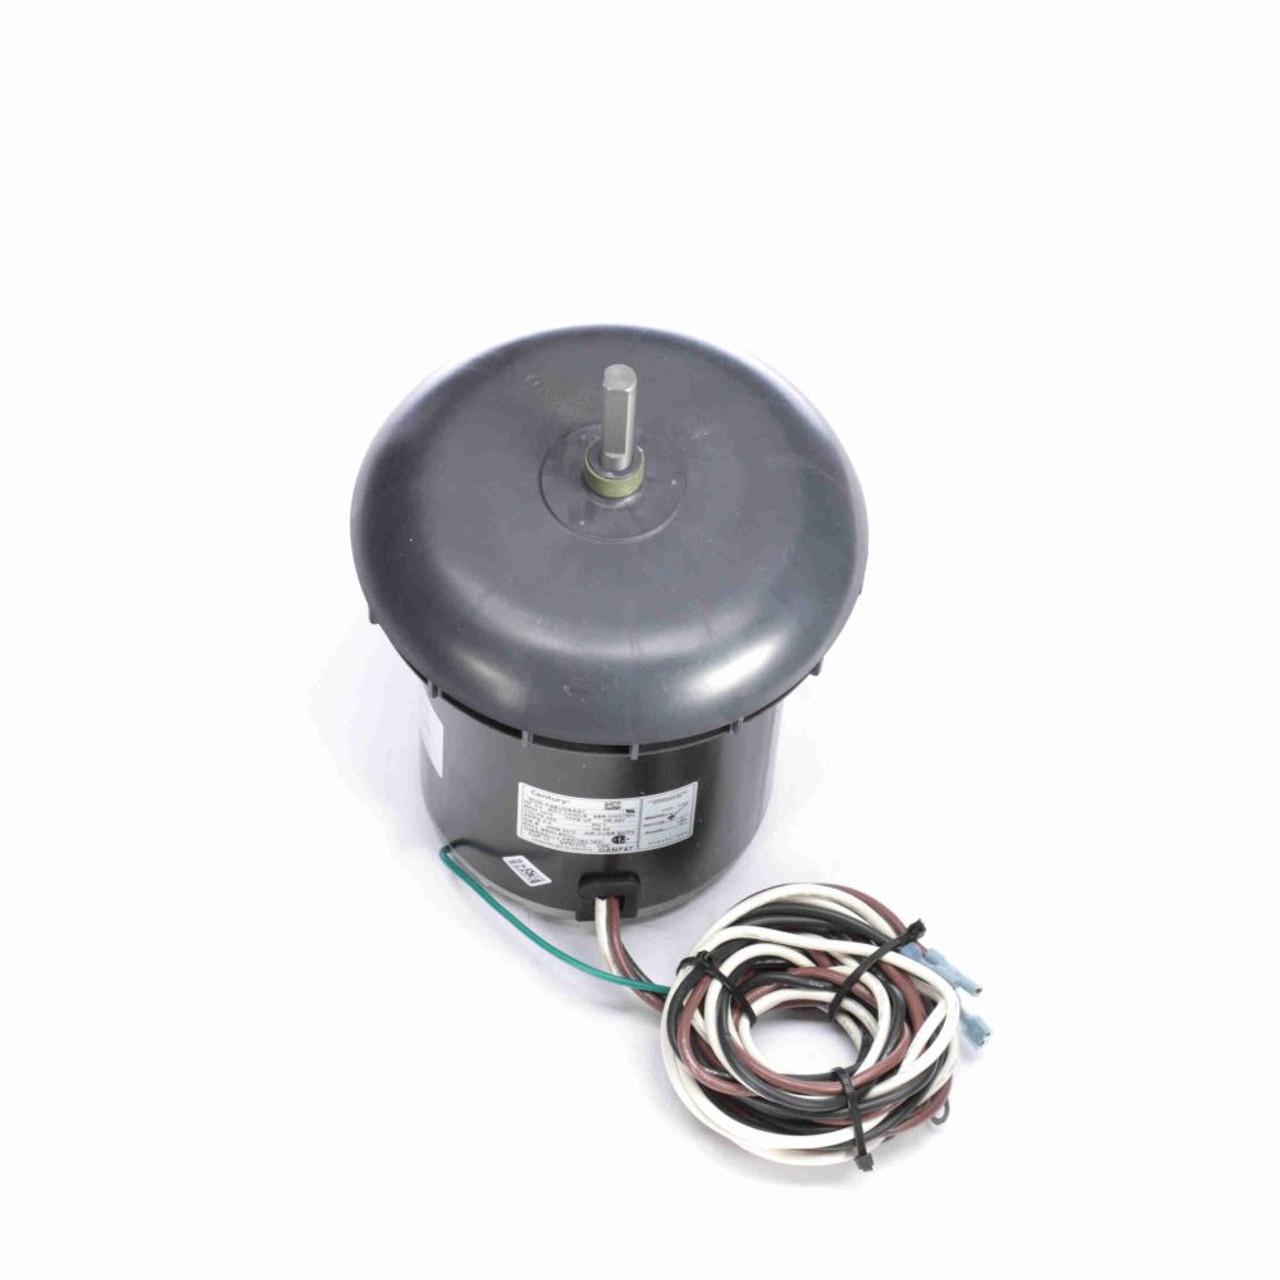 Aaon Fan Motor (F48U09A27, P17470) 3/4 hp 1075 RPM 460V # OAN747 Aaon Wiring Diagrams Pdf on